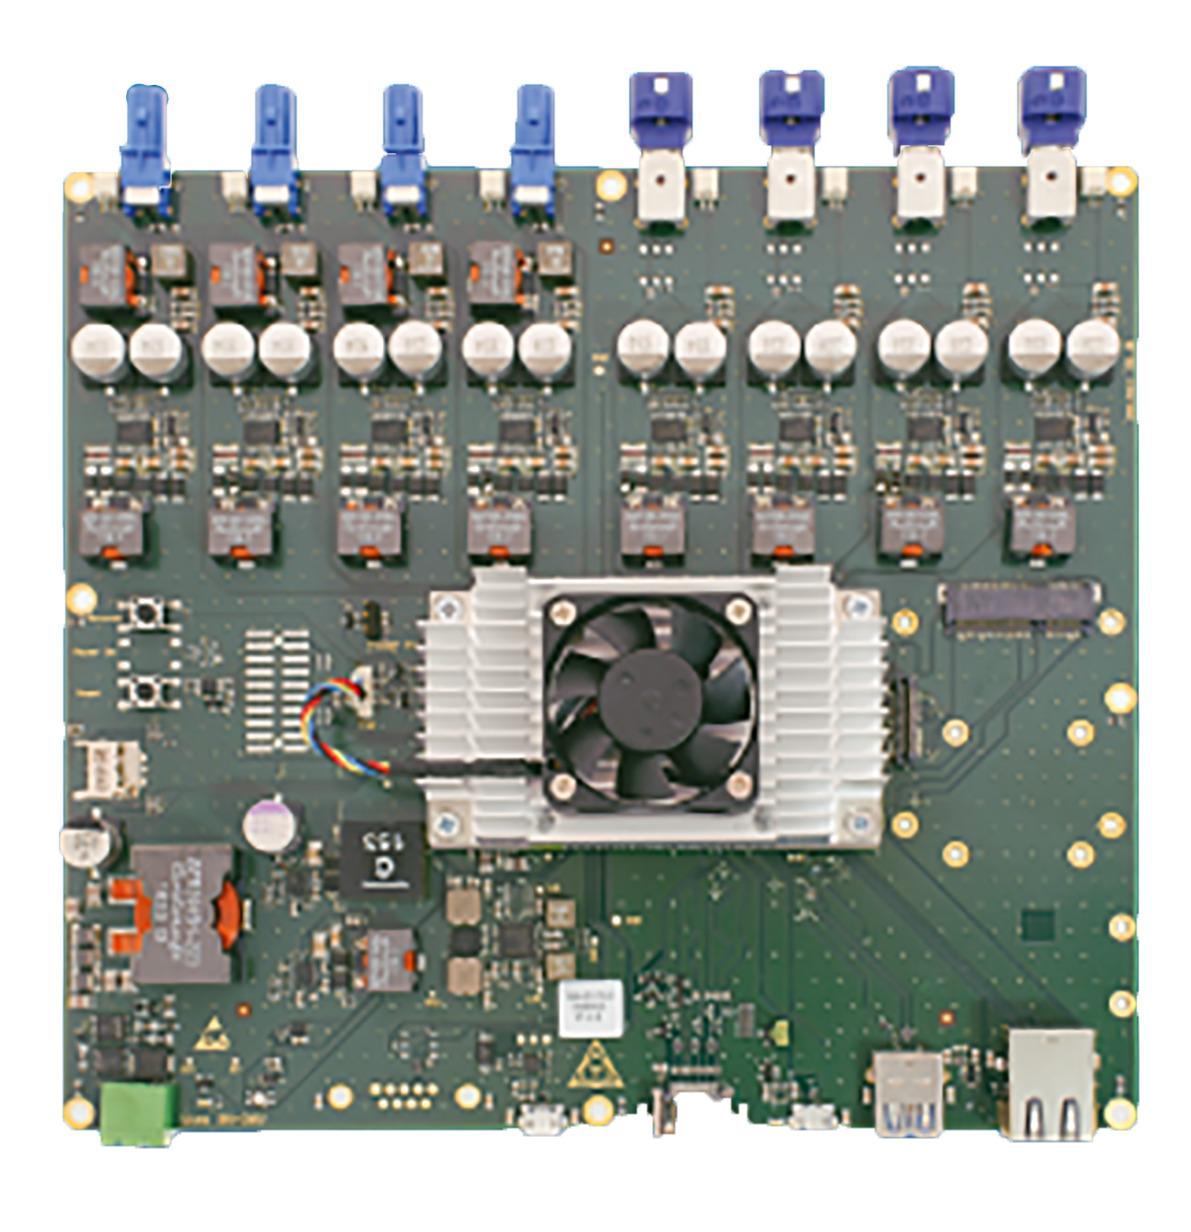 Bild 2   Multi-ToF-Hub mit Nvidia Jetson TX2 Modul. (Bild: Becom Systems GmbH)